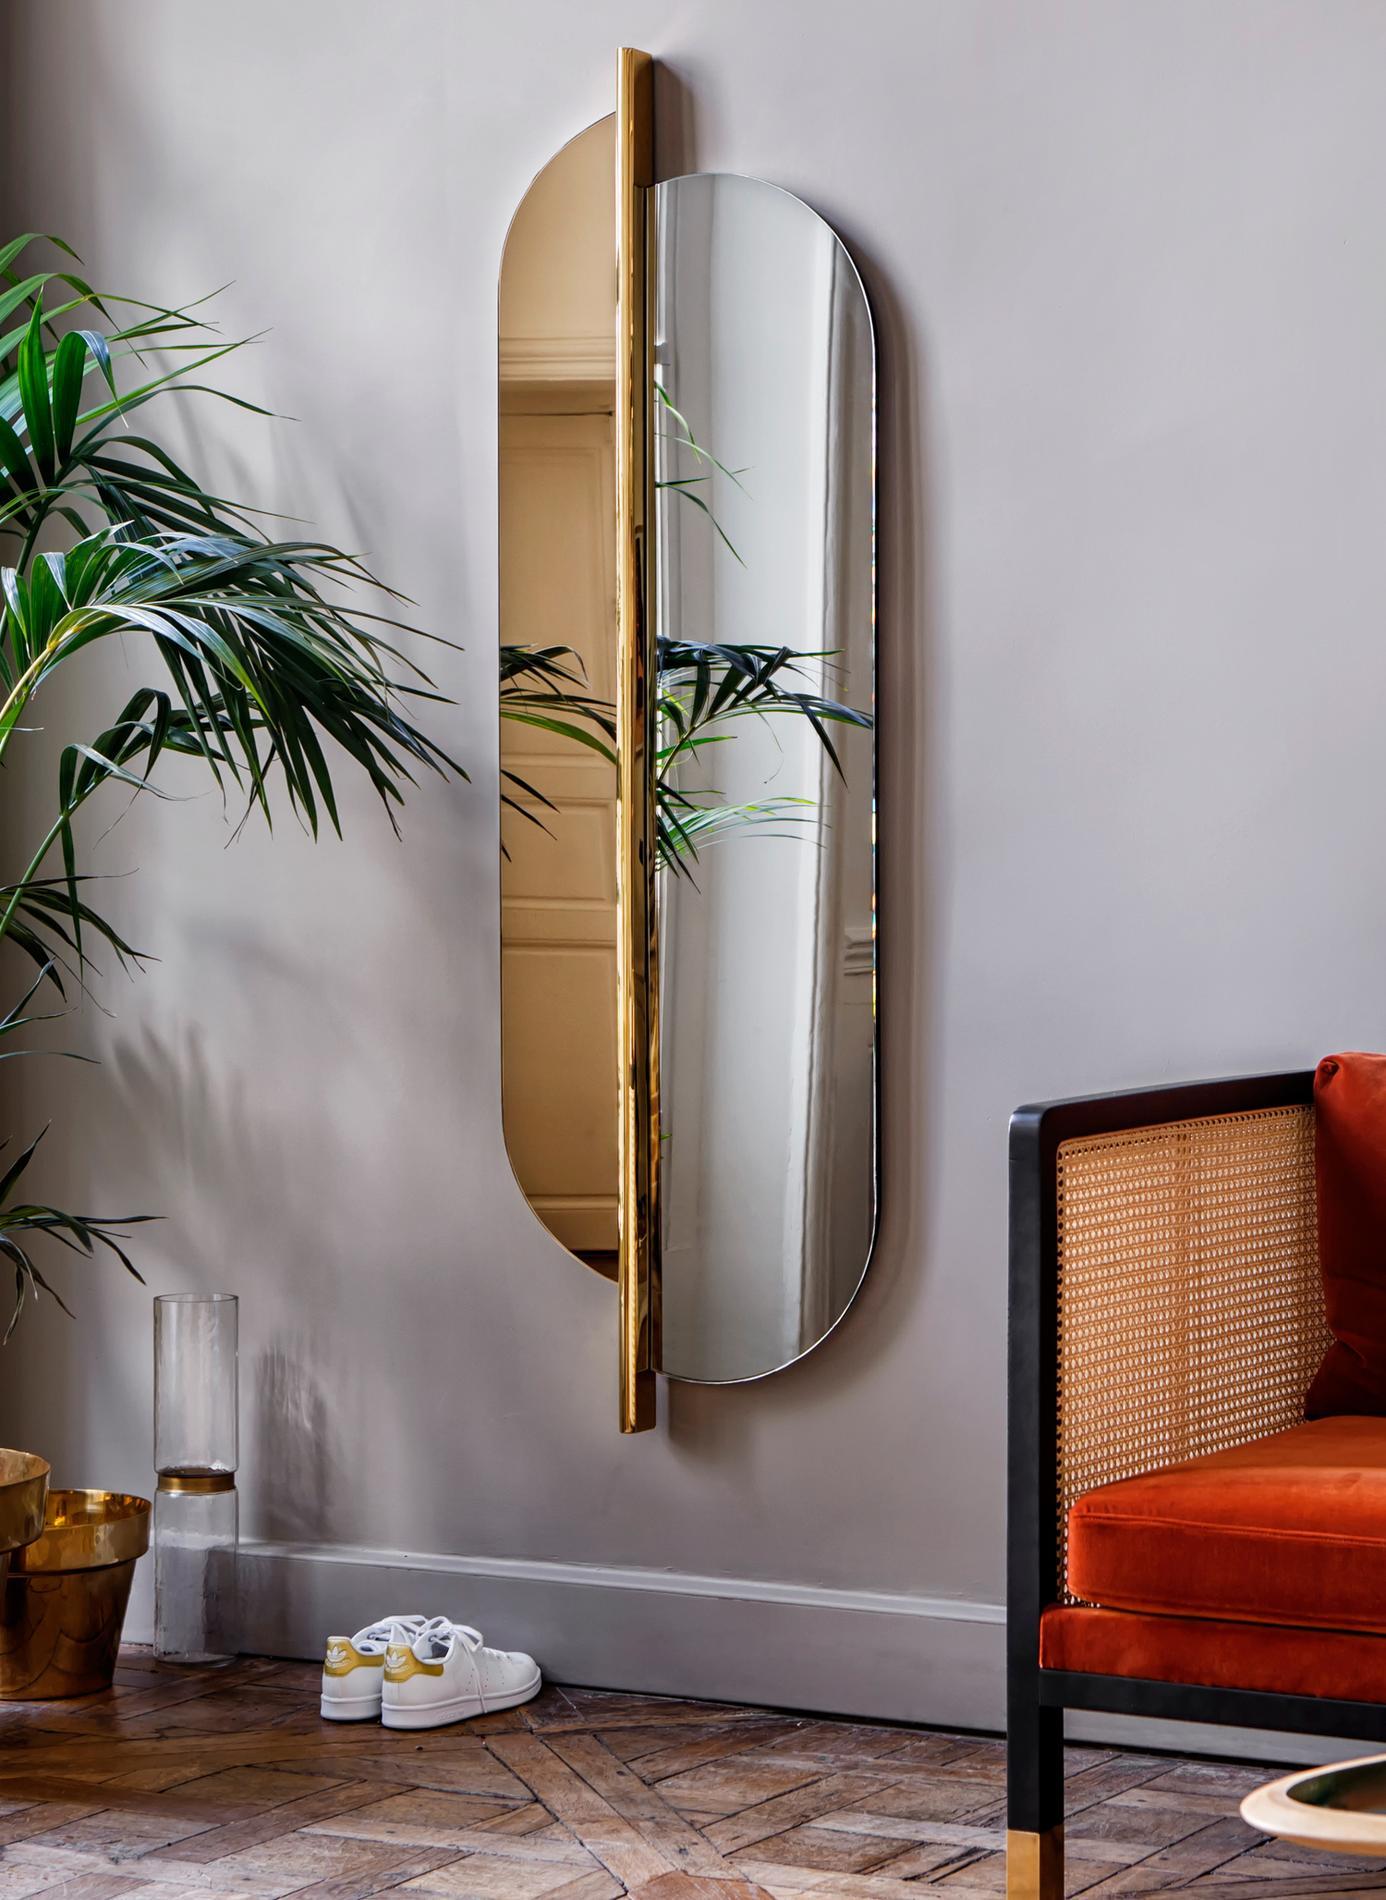 Mettre Un Miroir Dans Une Cuisine maison : comment gagner en luminosité sans se ruiner